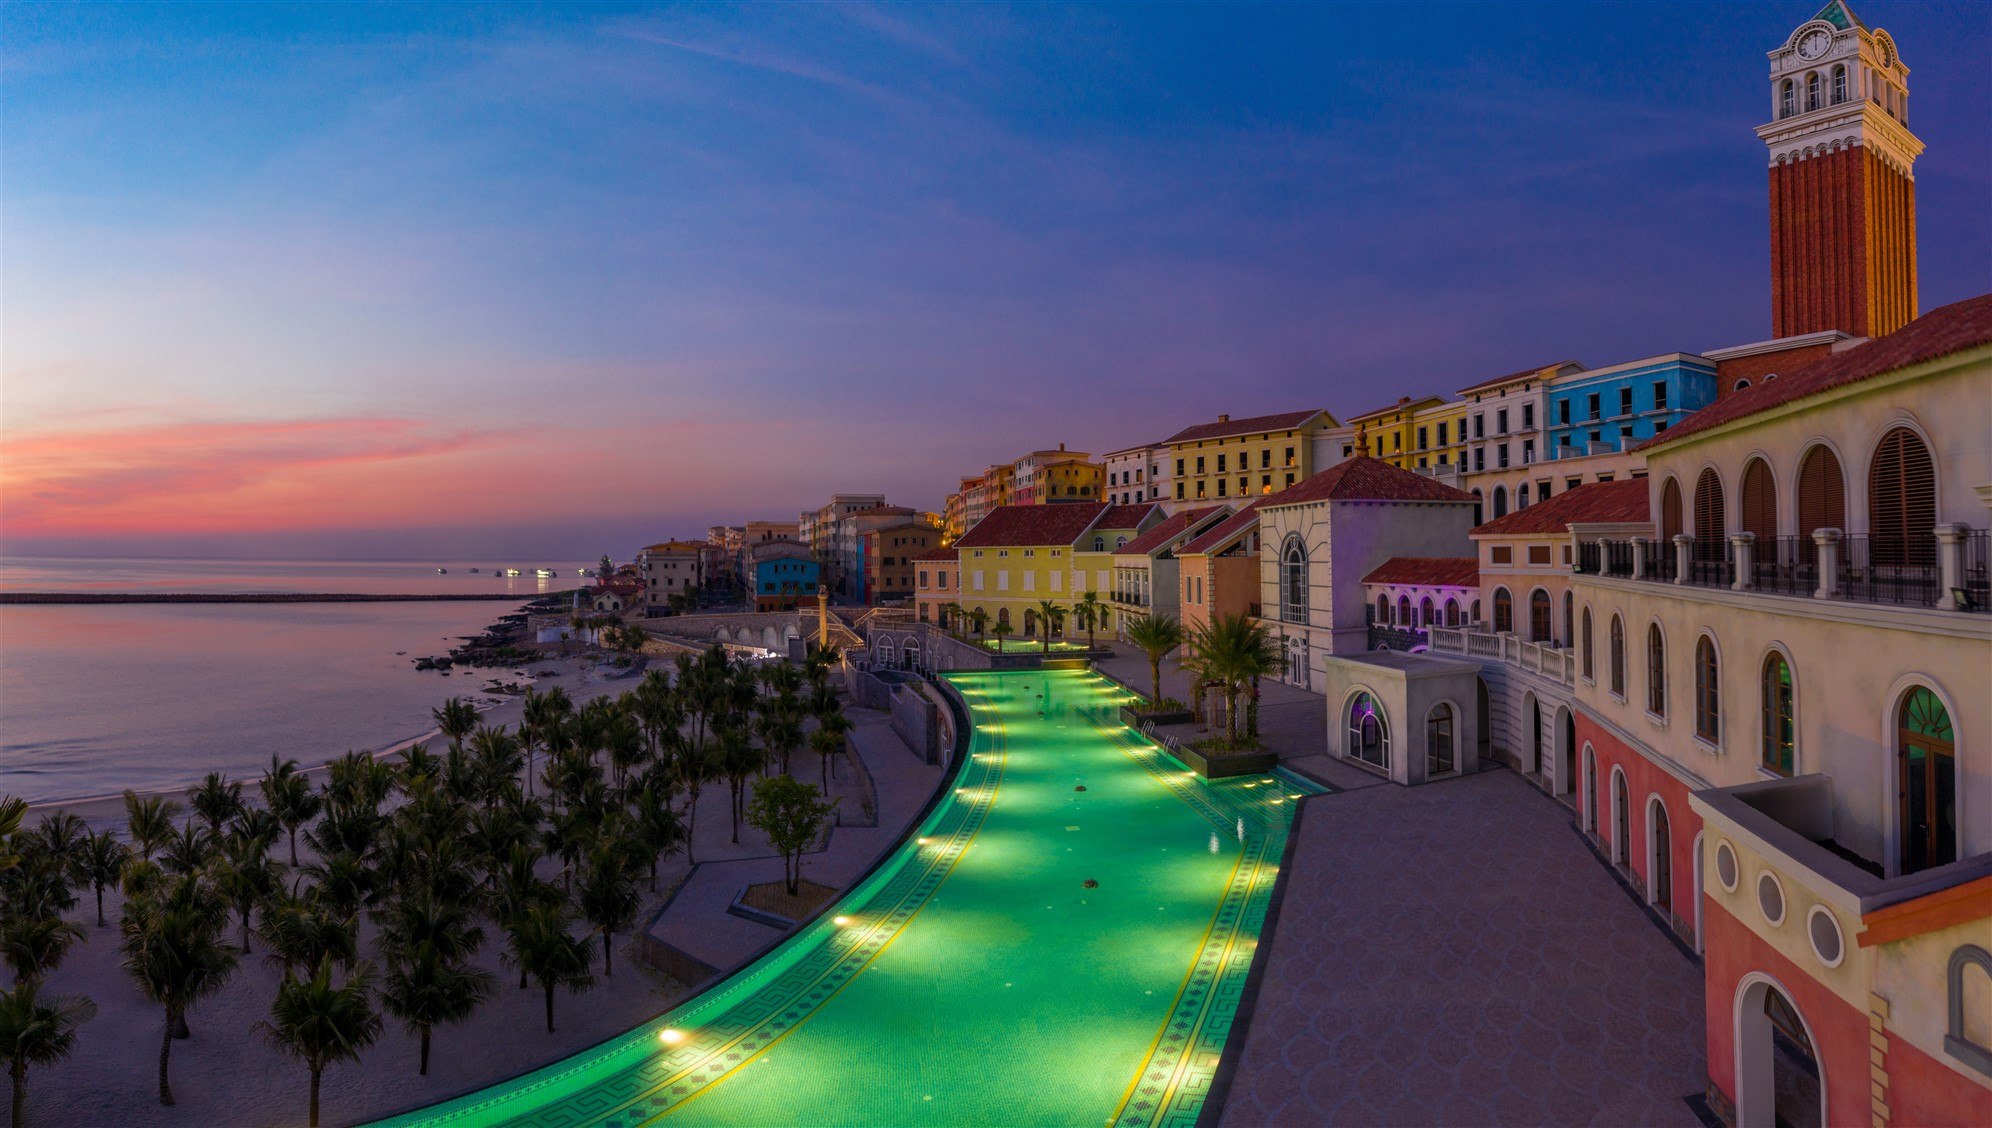 Phó Chủ tịch VNRea nói về tiềm năng bất động sản Phú Quốc vừa lên thành phố - Ảnh 2.